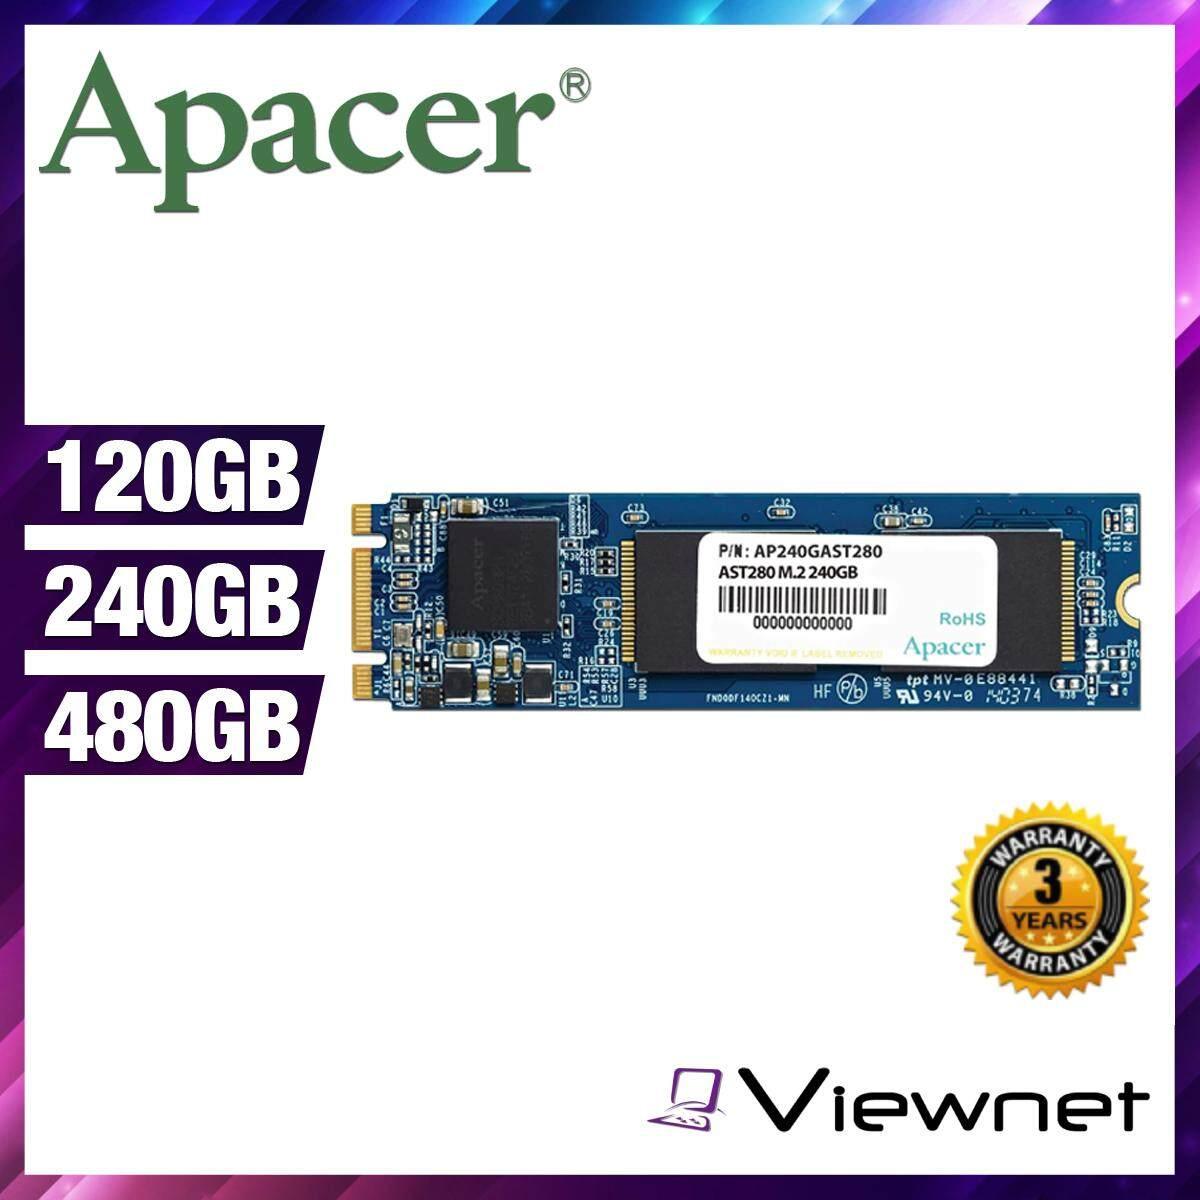 Apacer AST280 (120GB/240GB/480GB) M.2 SATA III SSD